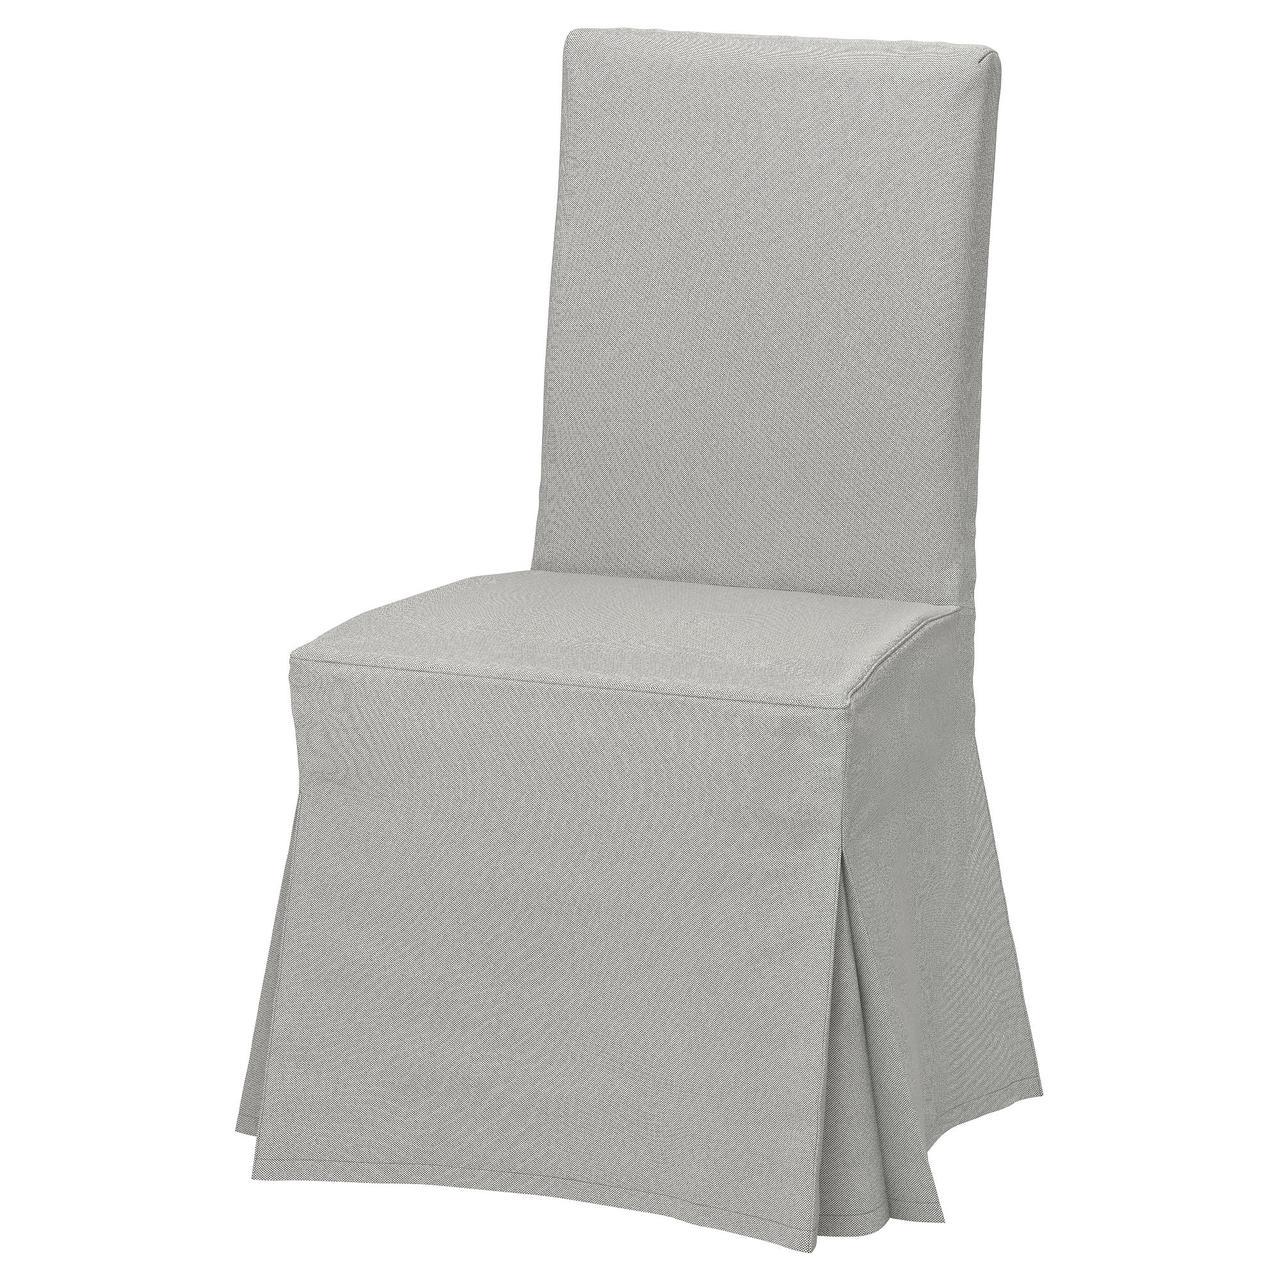 Кресло кухонное IKEA HENRIKSDAL Orrsta светло-серое 592.134.34